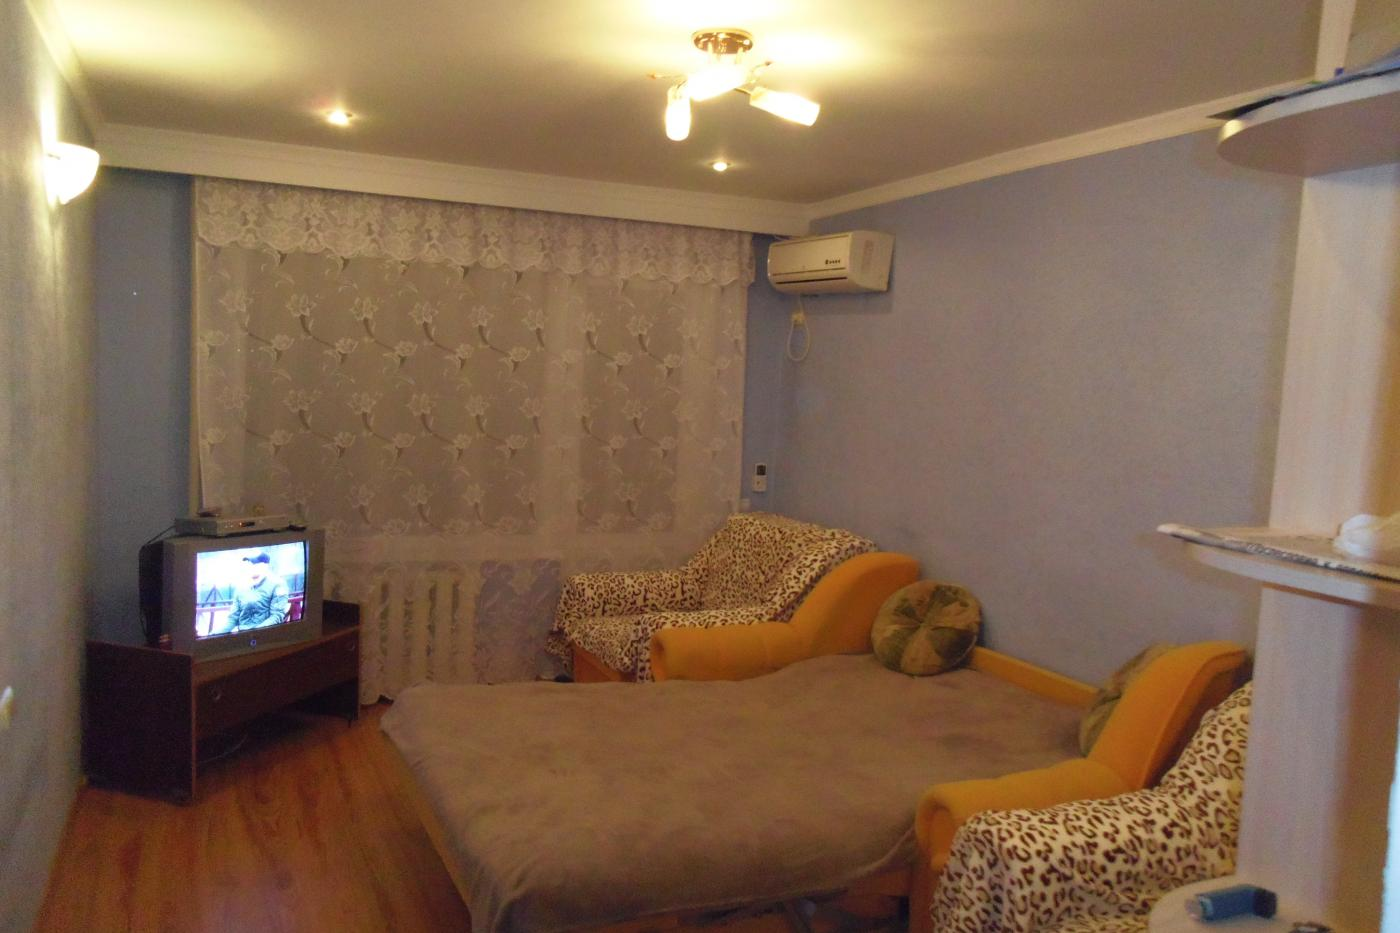 1-комнатная квартира посуточно (вариант № 1425), ул. Михайловская улица, фото № 3